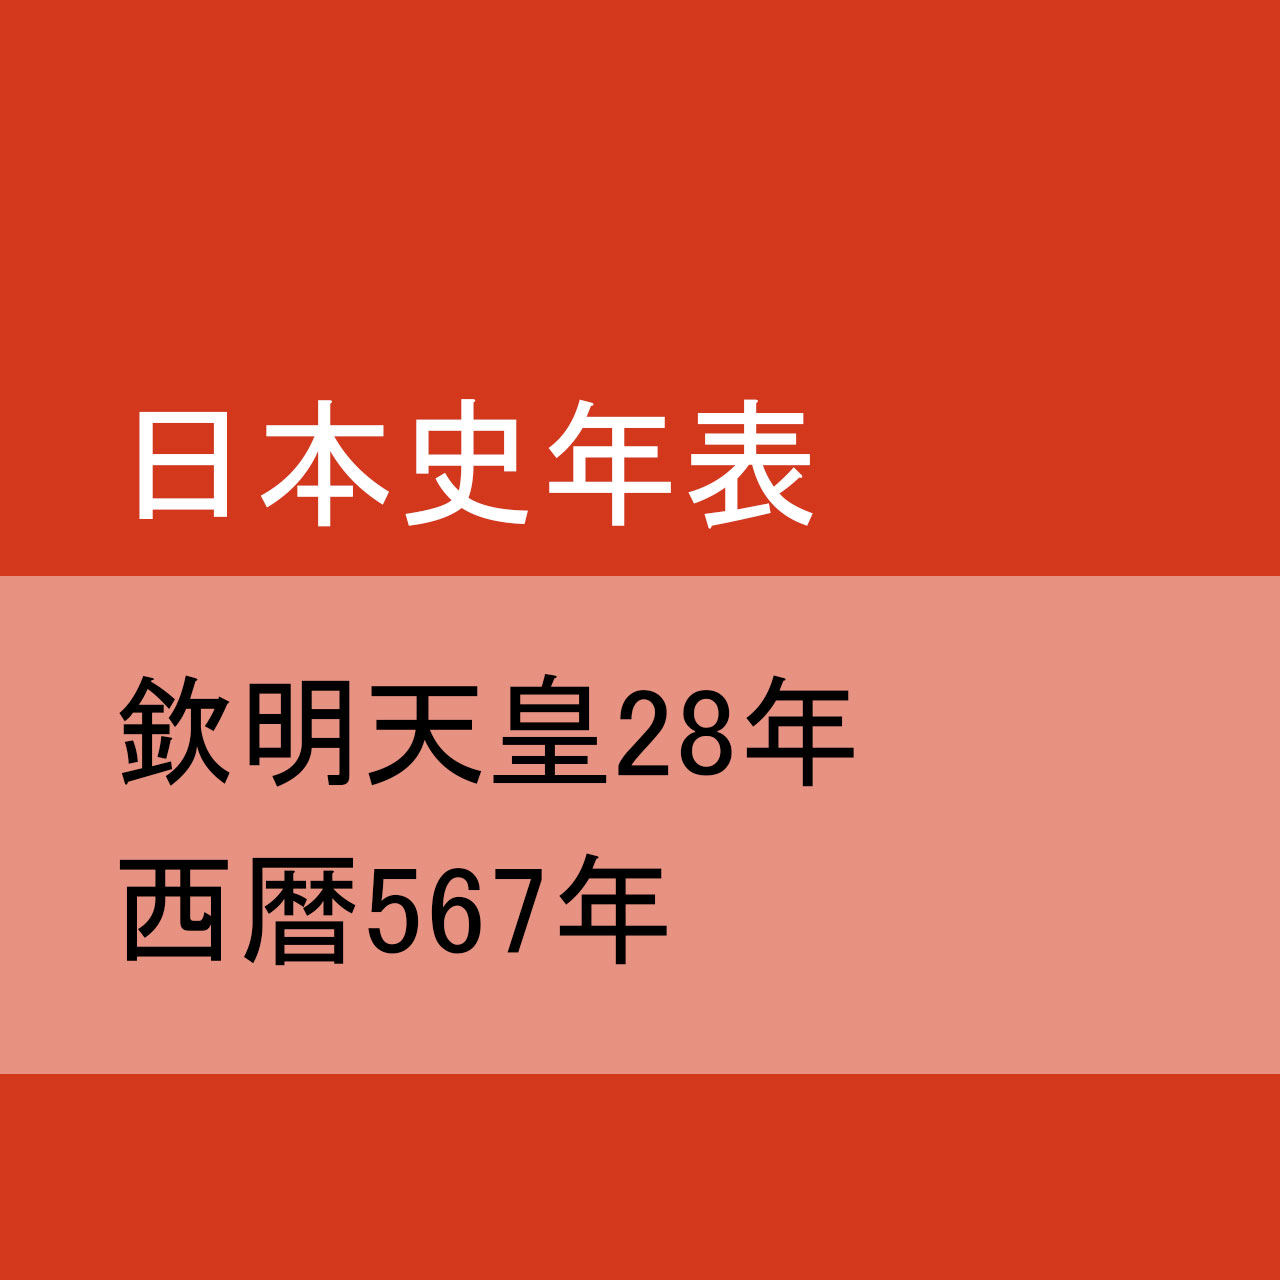 欽明天皇28(567)年